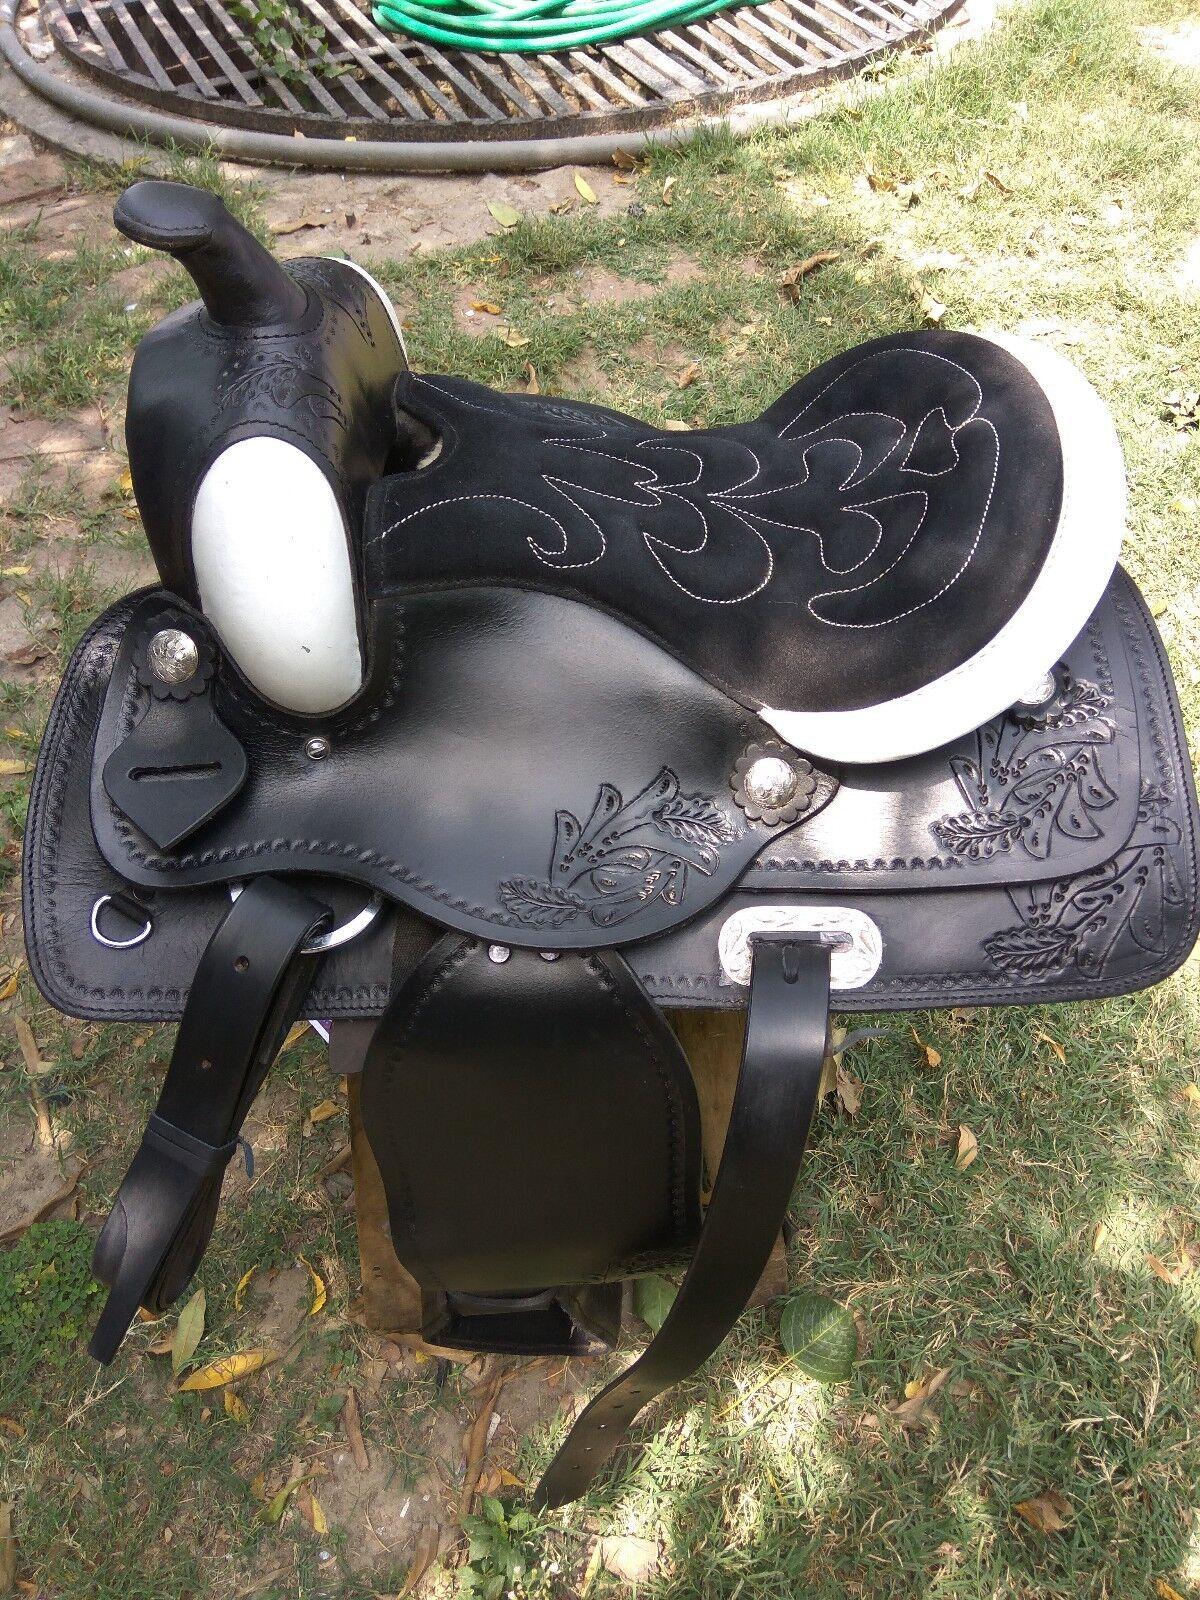 Nuevo blancoo y Negro de cuero silla occidental Talla 14 in (approx. 35.56 cm) a 18